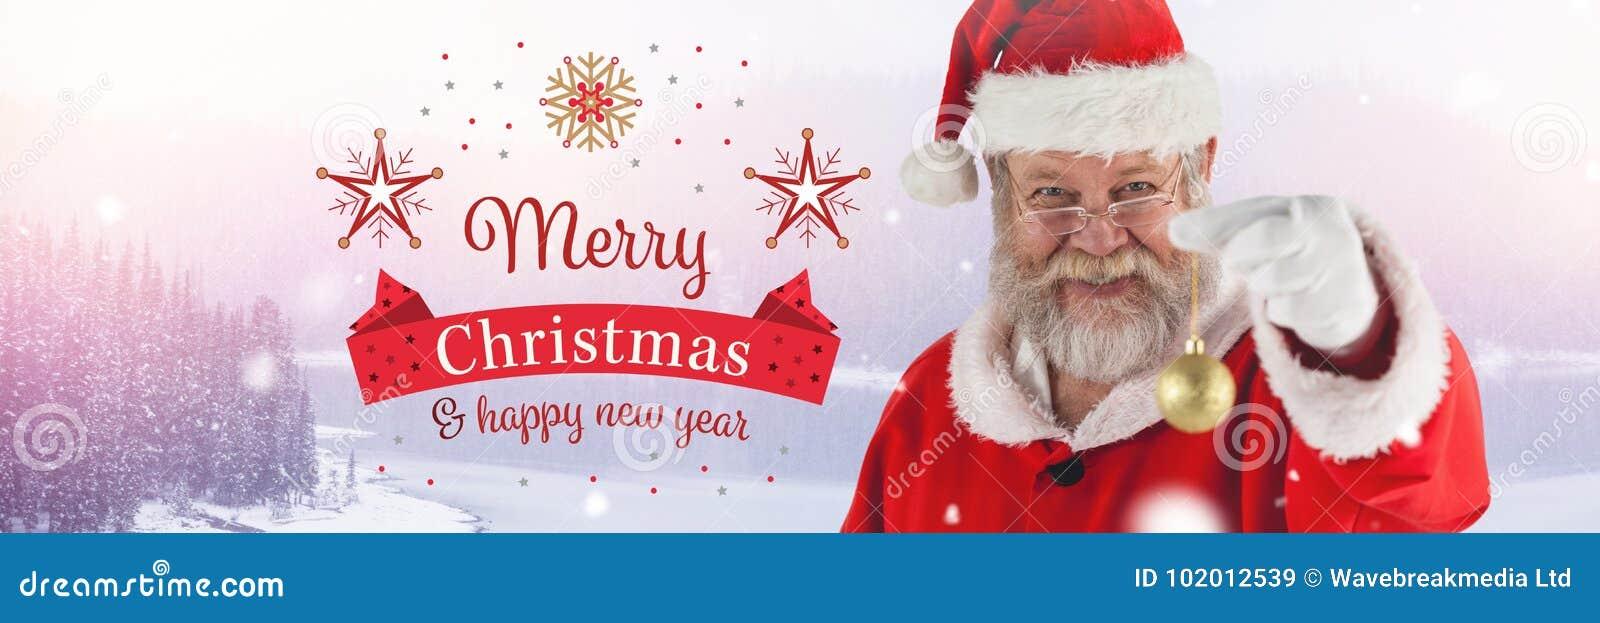 Texte et Santa Claus de bonne année de Joyeux Noël en hiver avec la décoration de babiole de Noël